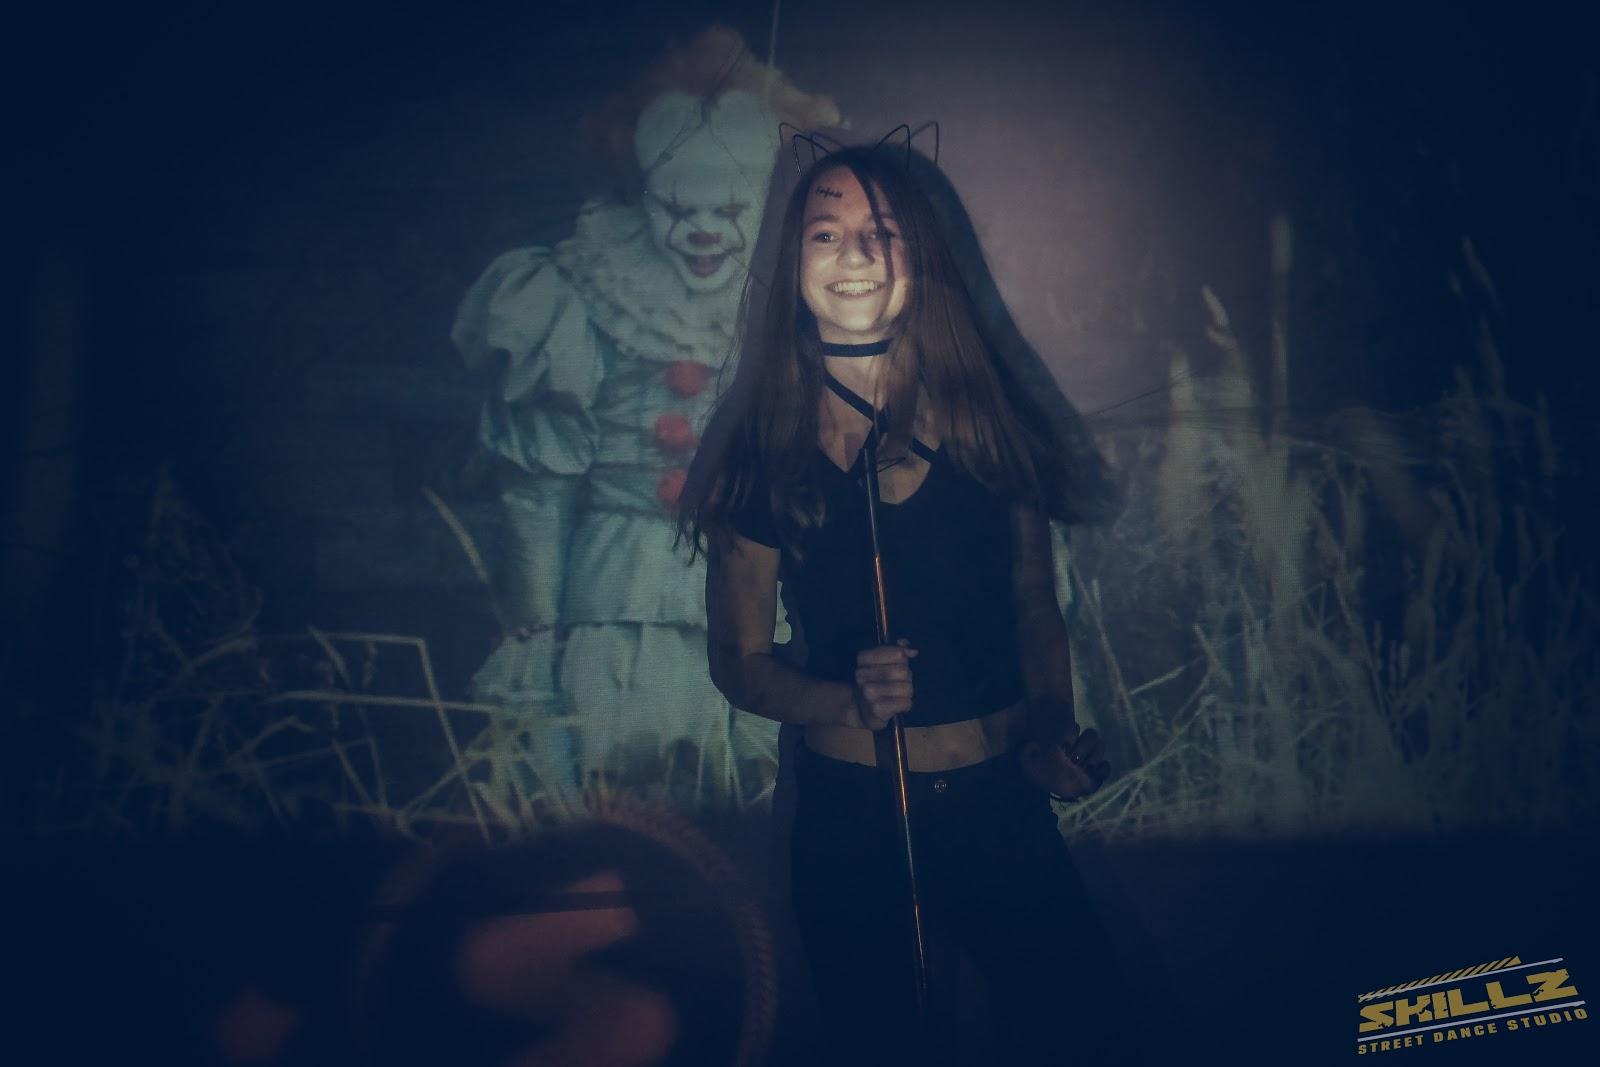 Naujikų krikštynos @SKILLZ (Halloween tema) - PANA1735.jpg